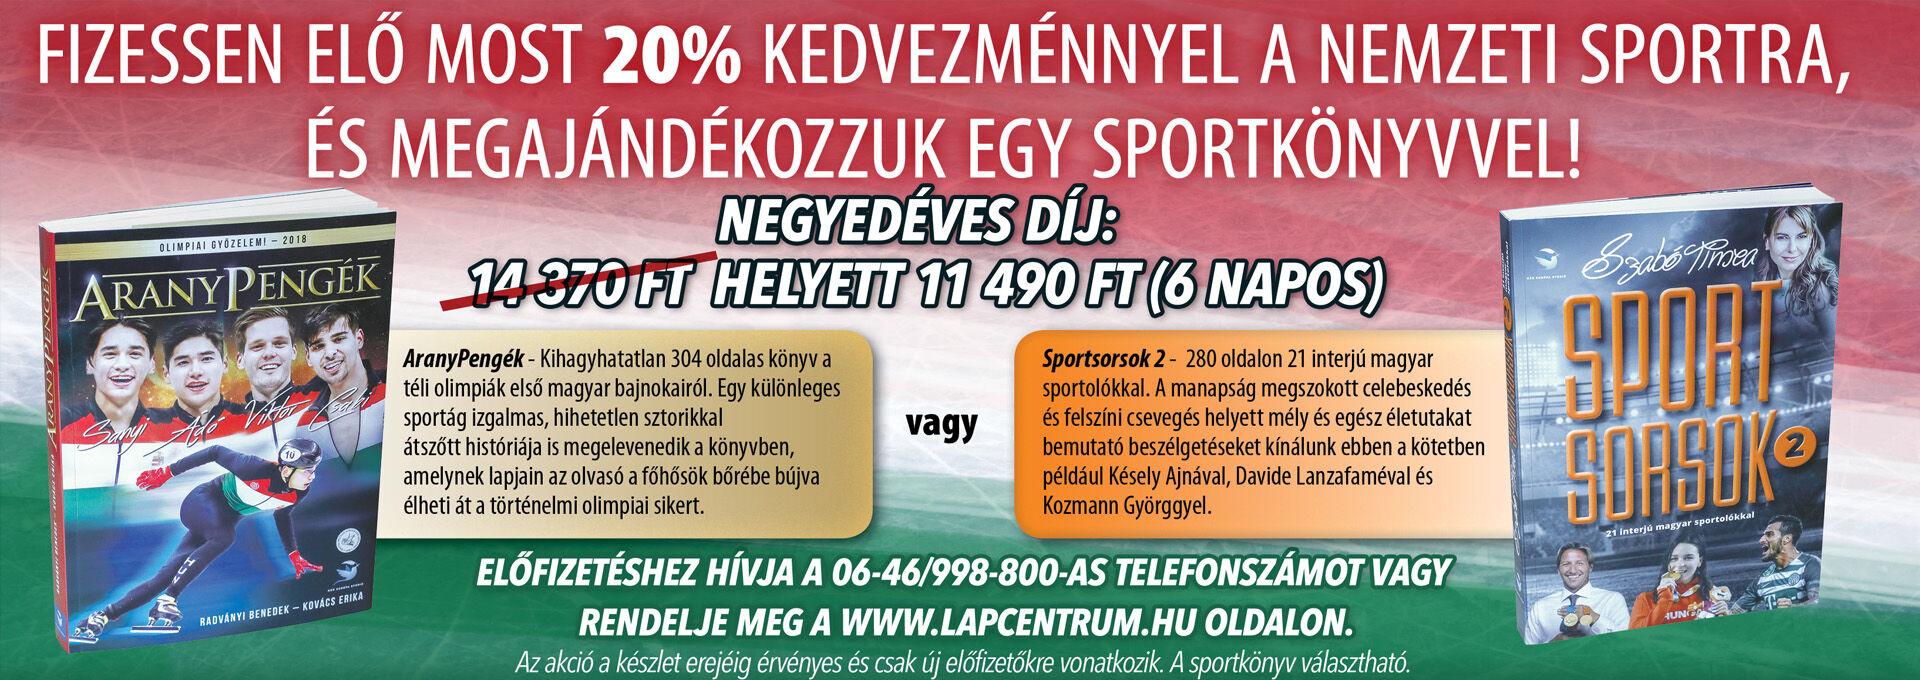 Nemzeti Sport + Sportkönyv